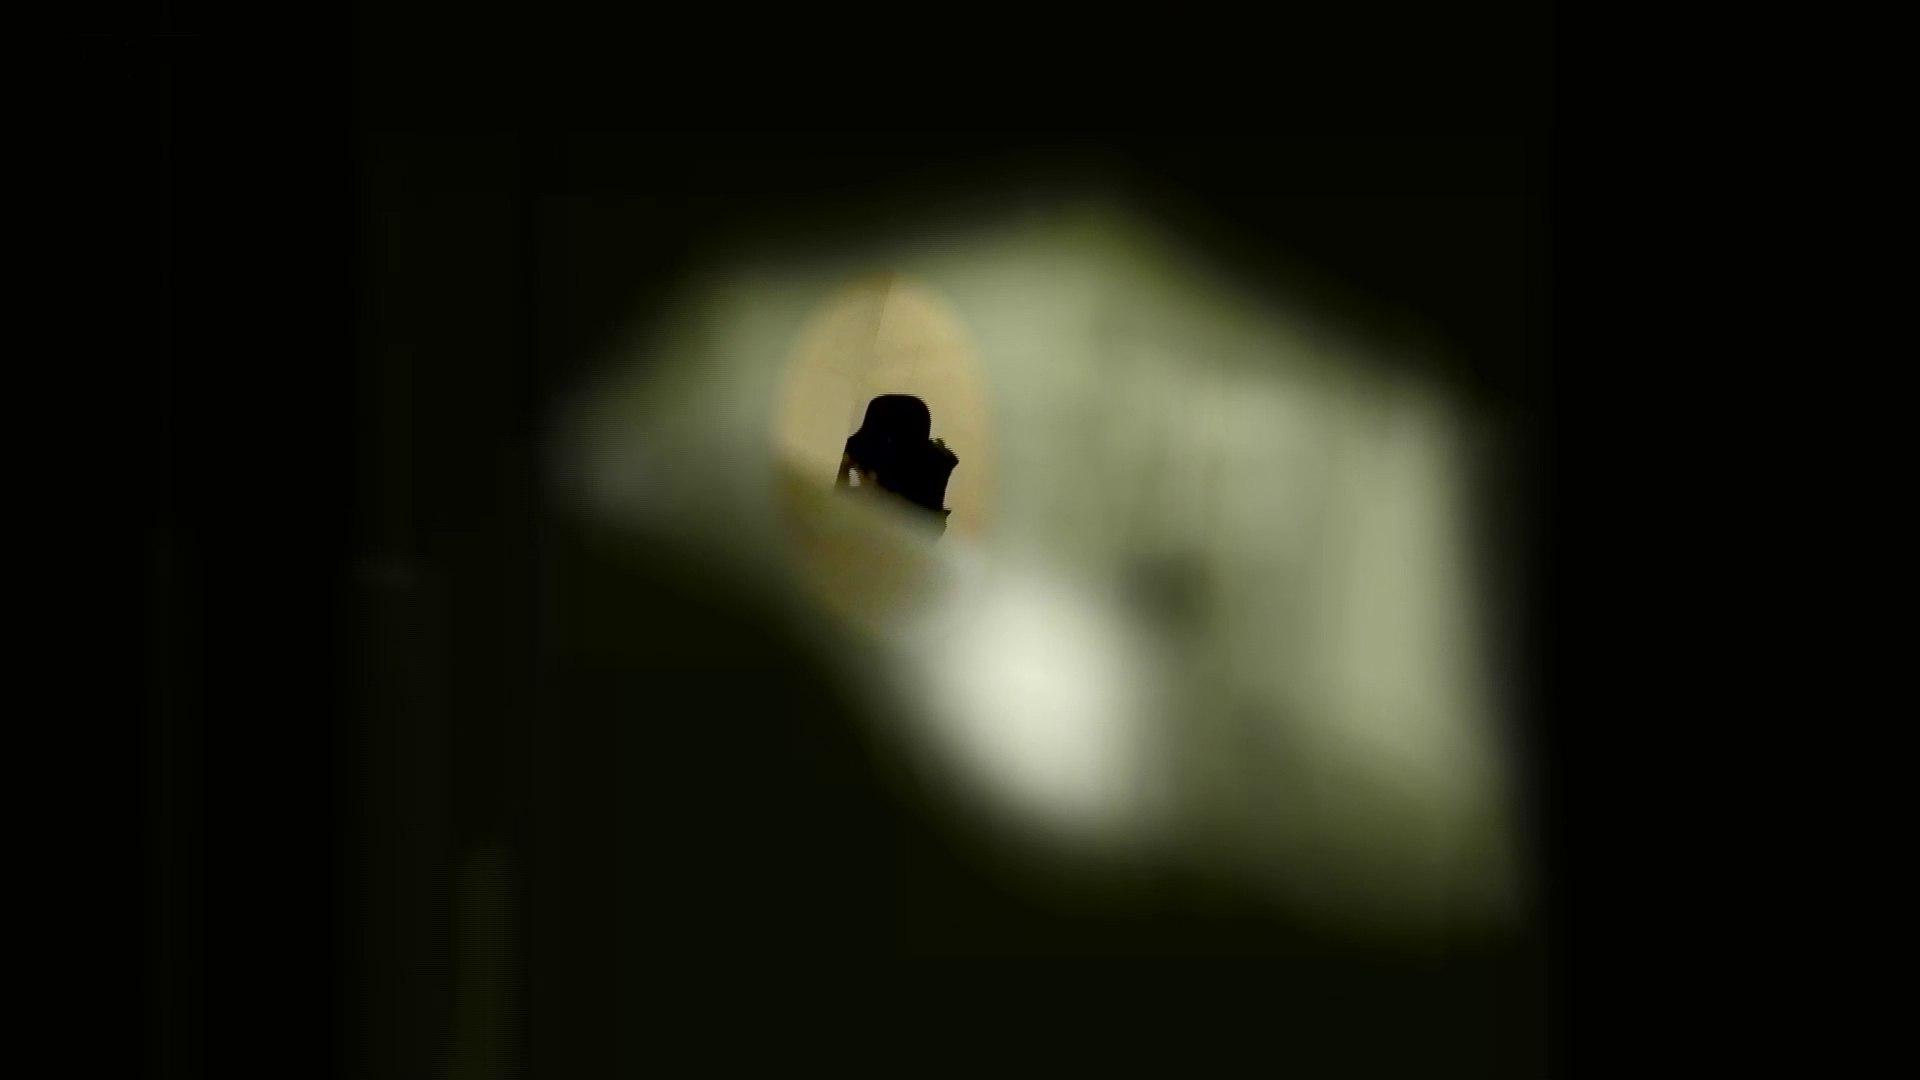 新世界の射窓 No78 トリンドル 玲奈似登場シリーズ美女率最高作! お姉さん攻略 おまんこ動画流出 103画像 21